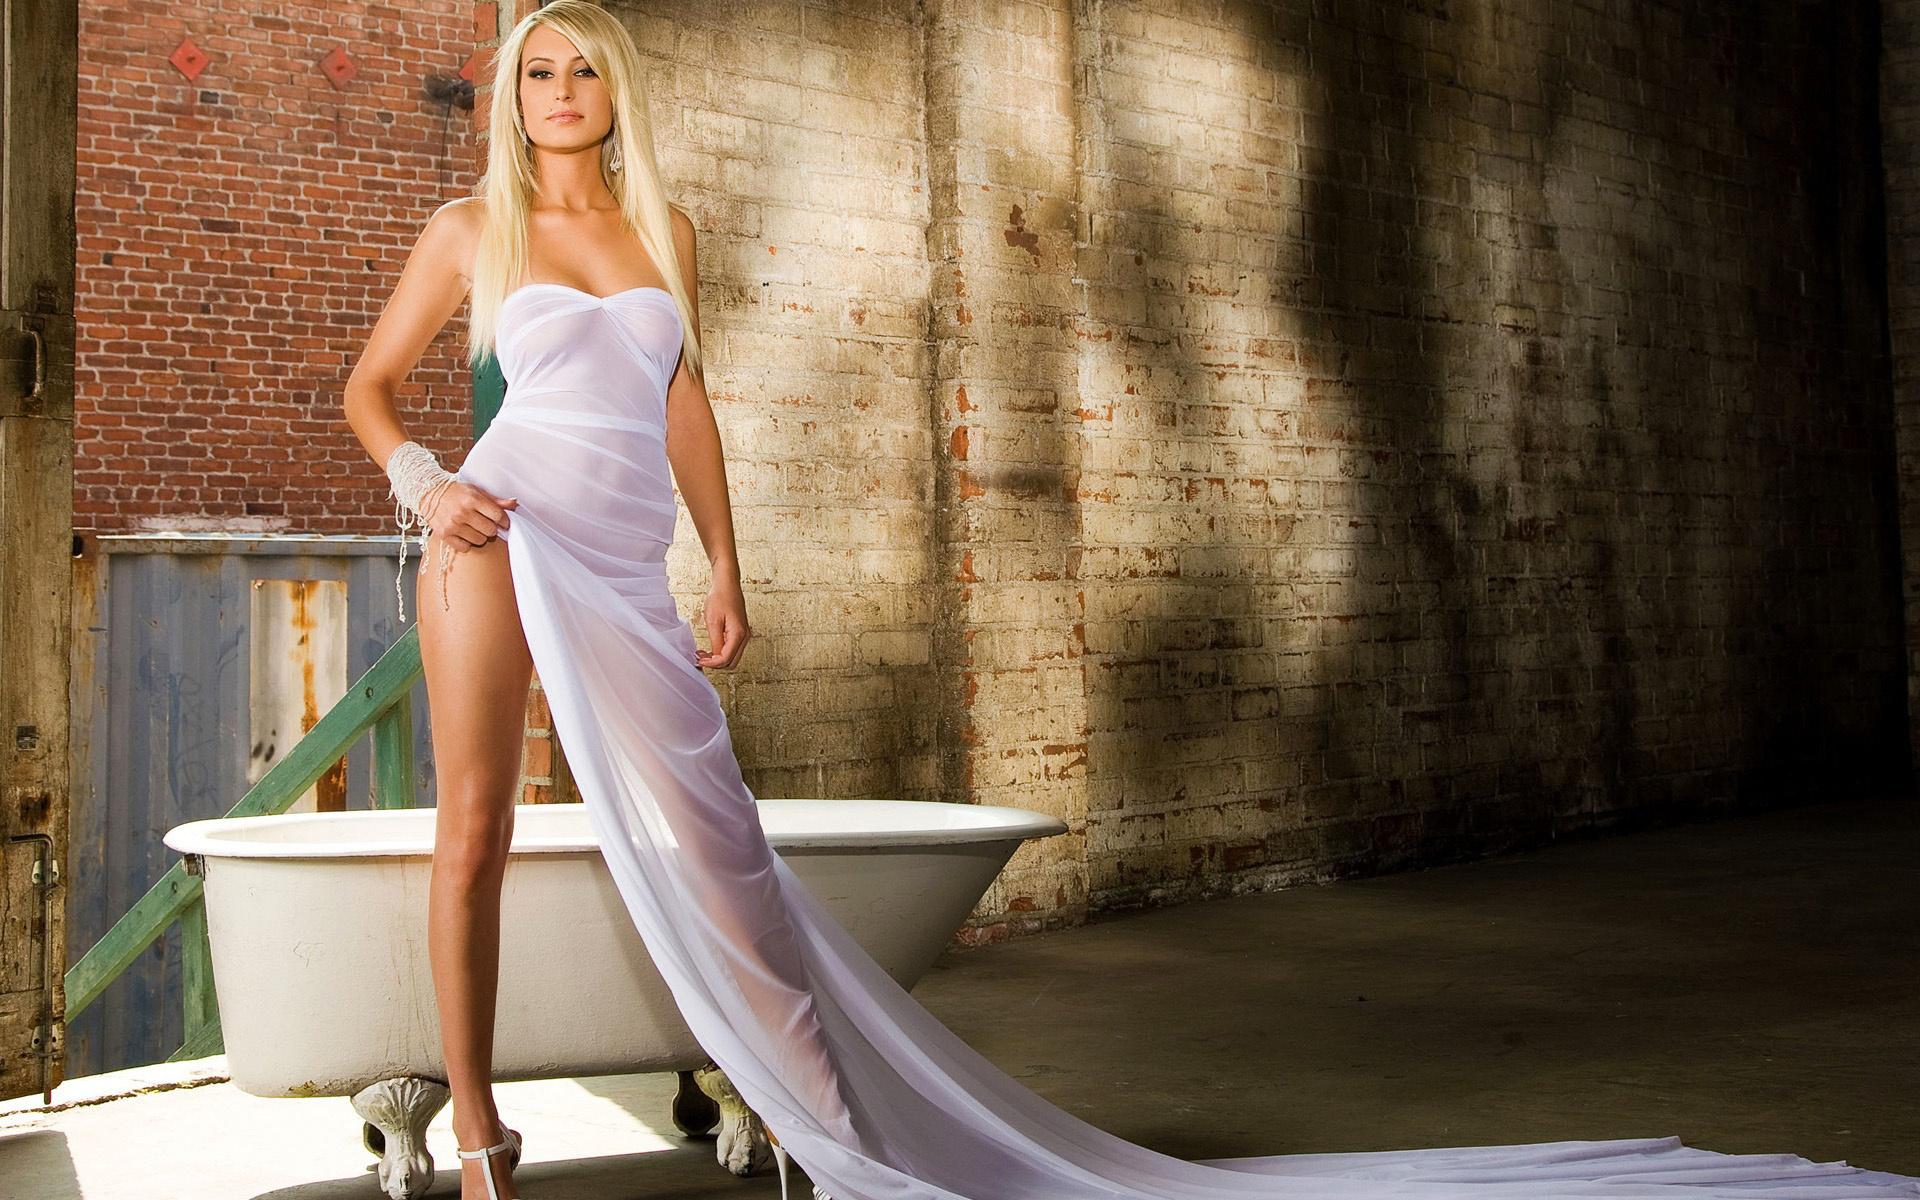 Секс в белых платьях 14 фотография